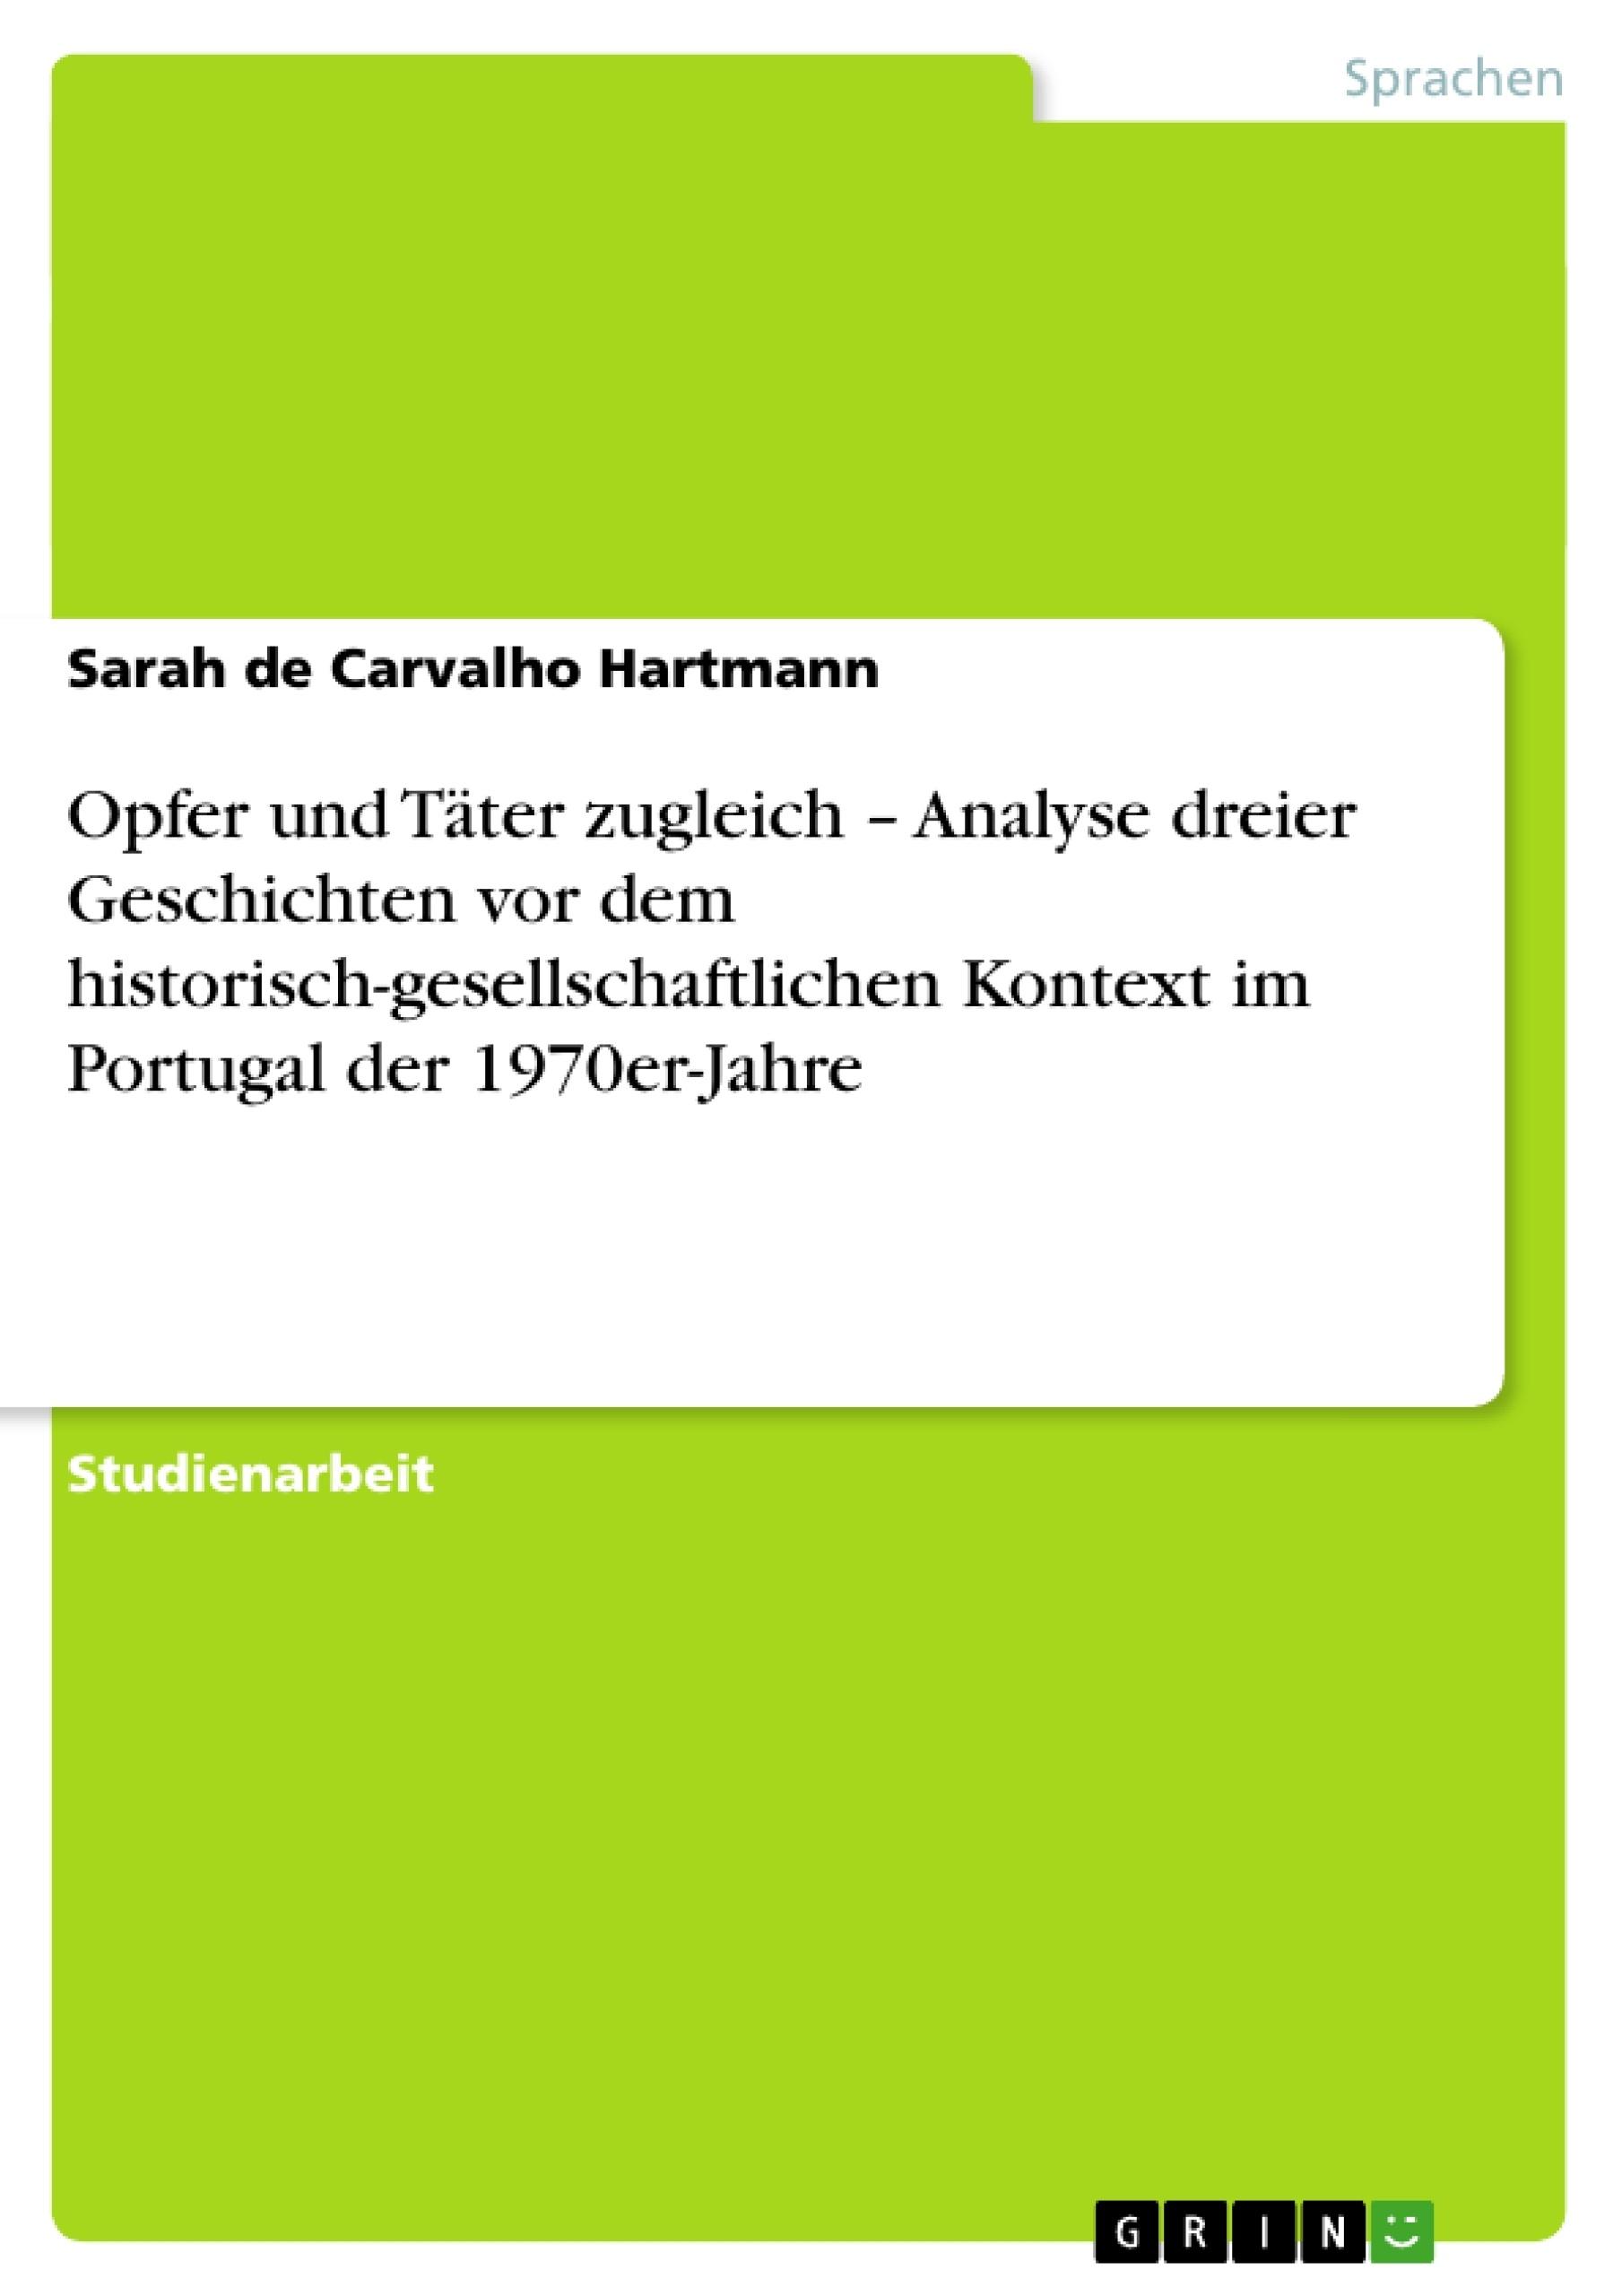 Titel: Opfer und Täter zugleich – Analyse dreier Geschichten vor dem historisch-gesellschaftlichen Kontext im Portugal der 1970er-Jahre